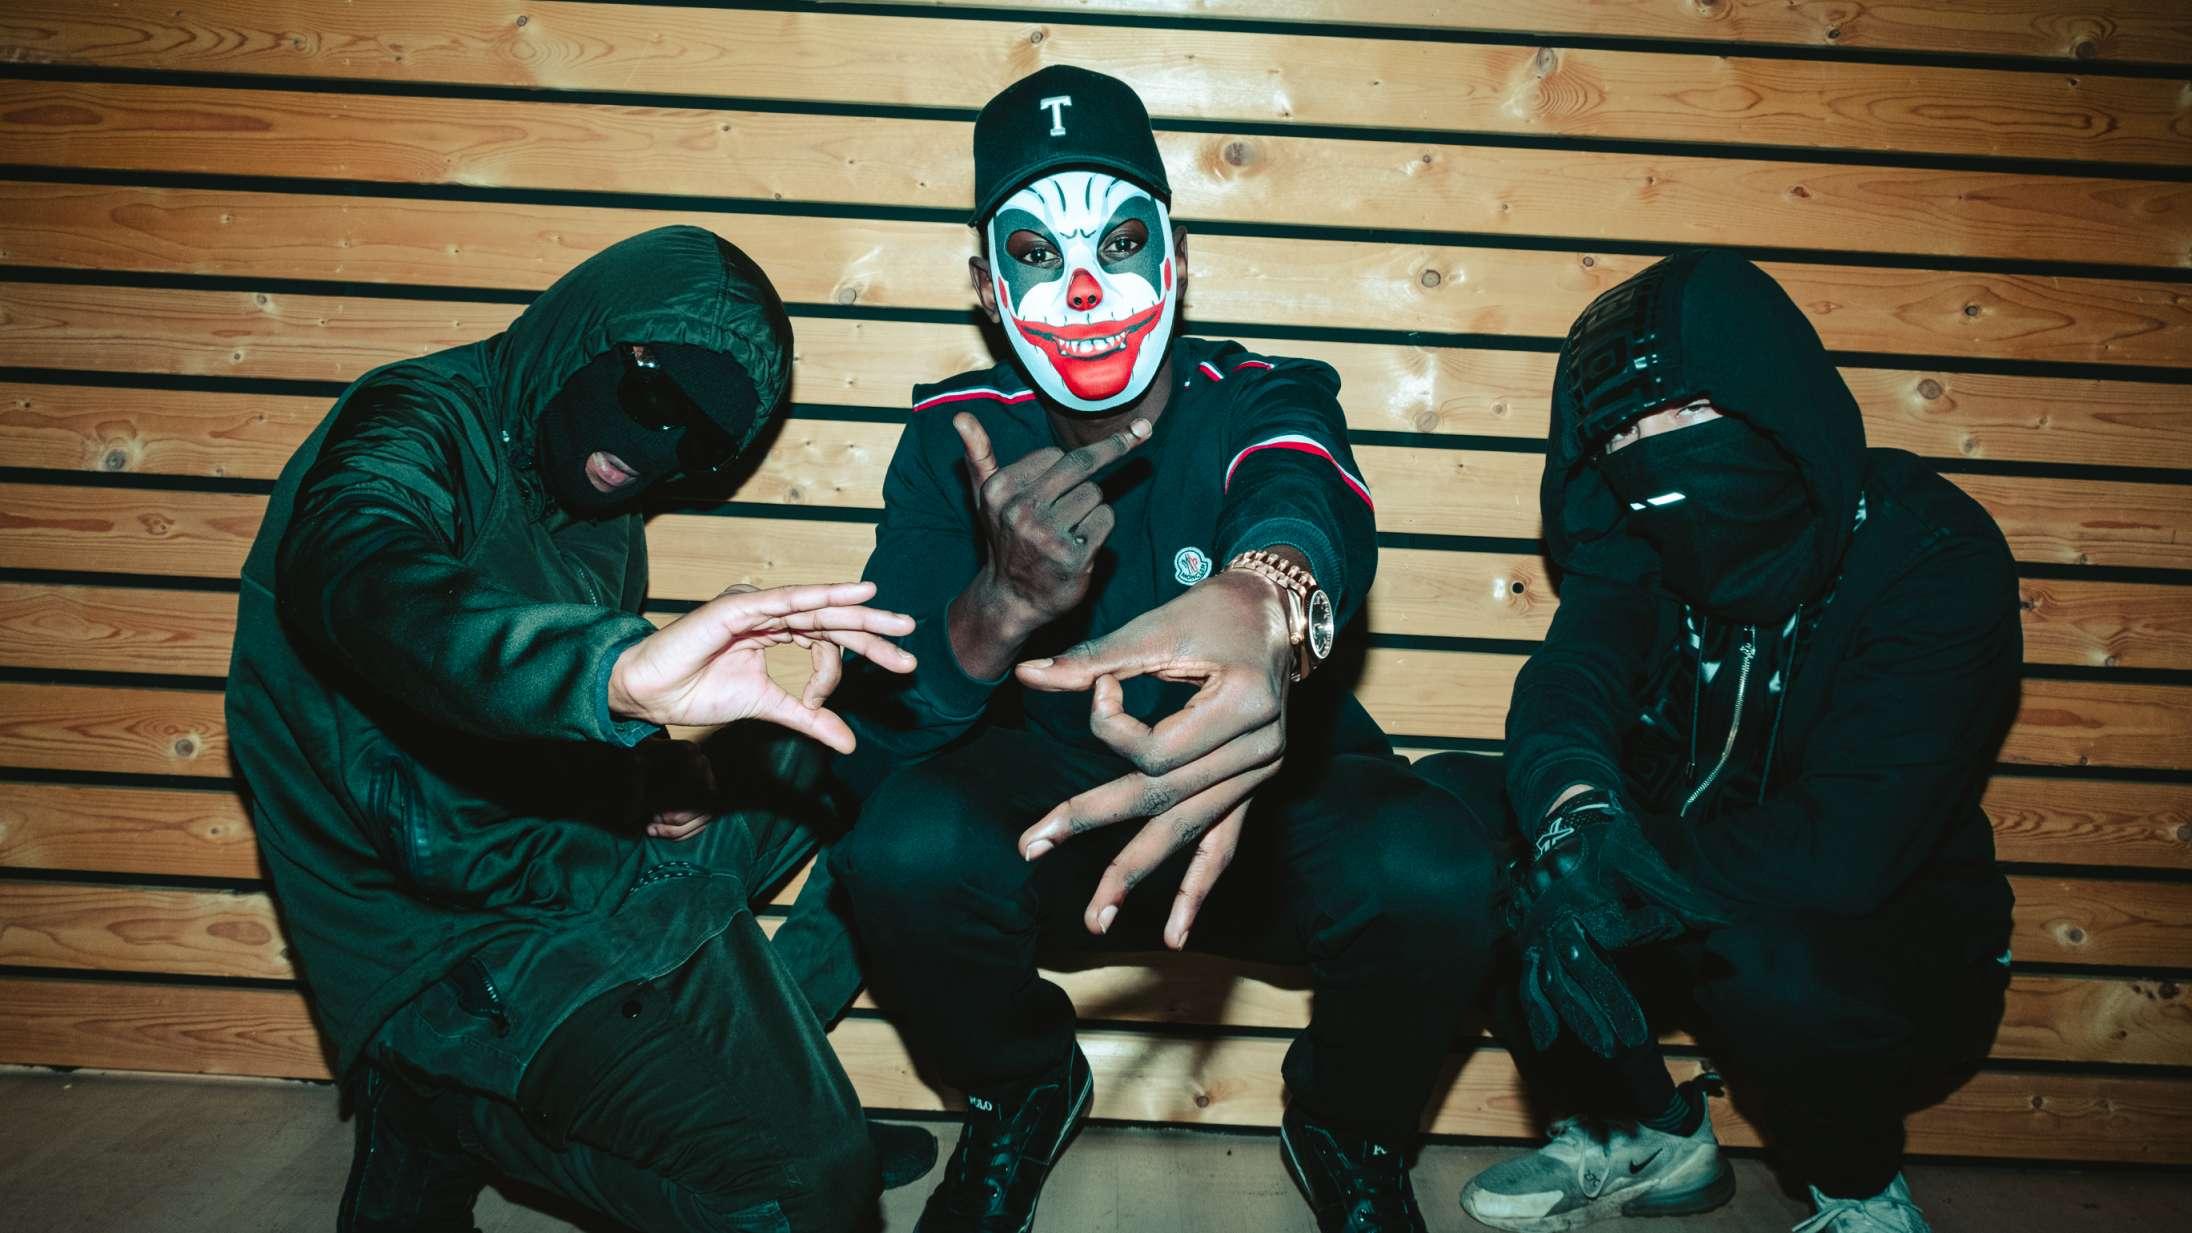 De danske rappere er fascinerede af 2Pac: »Han var sygt misogyn og samtidig sygt woke«